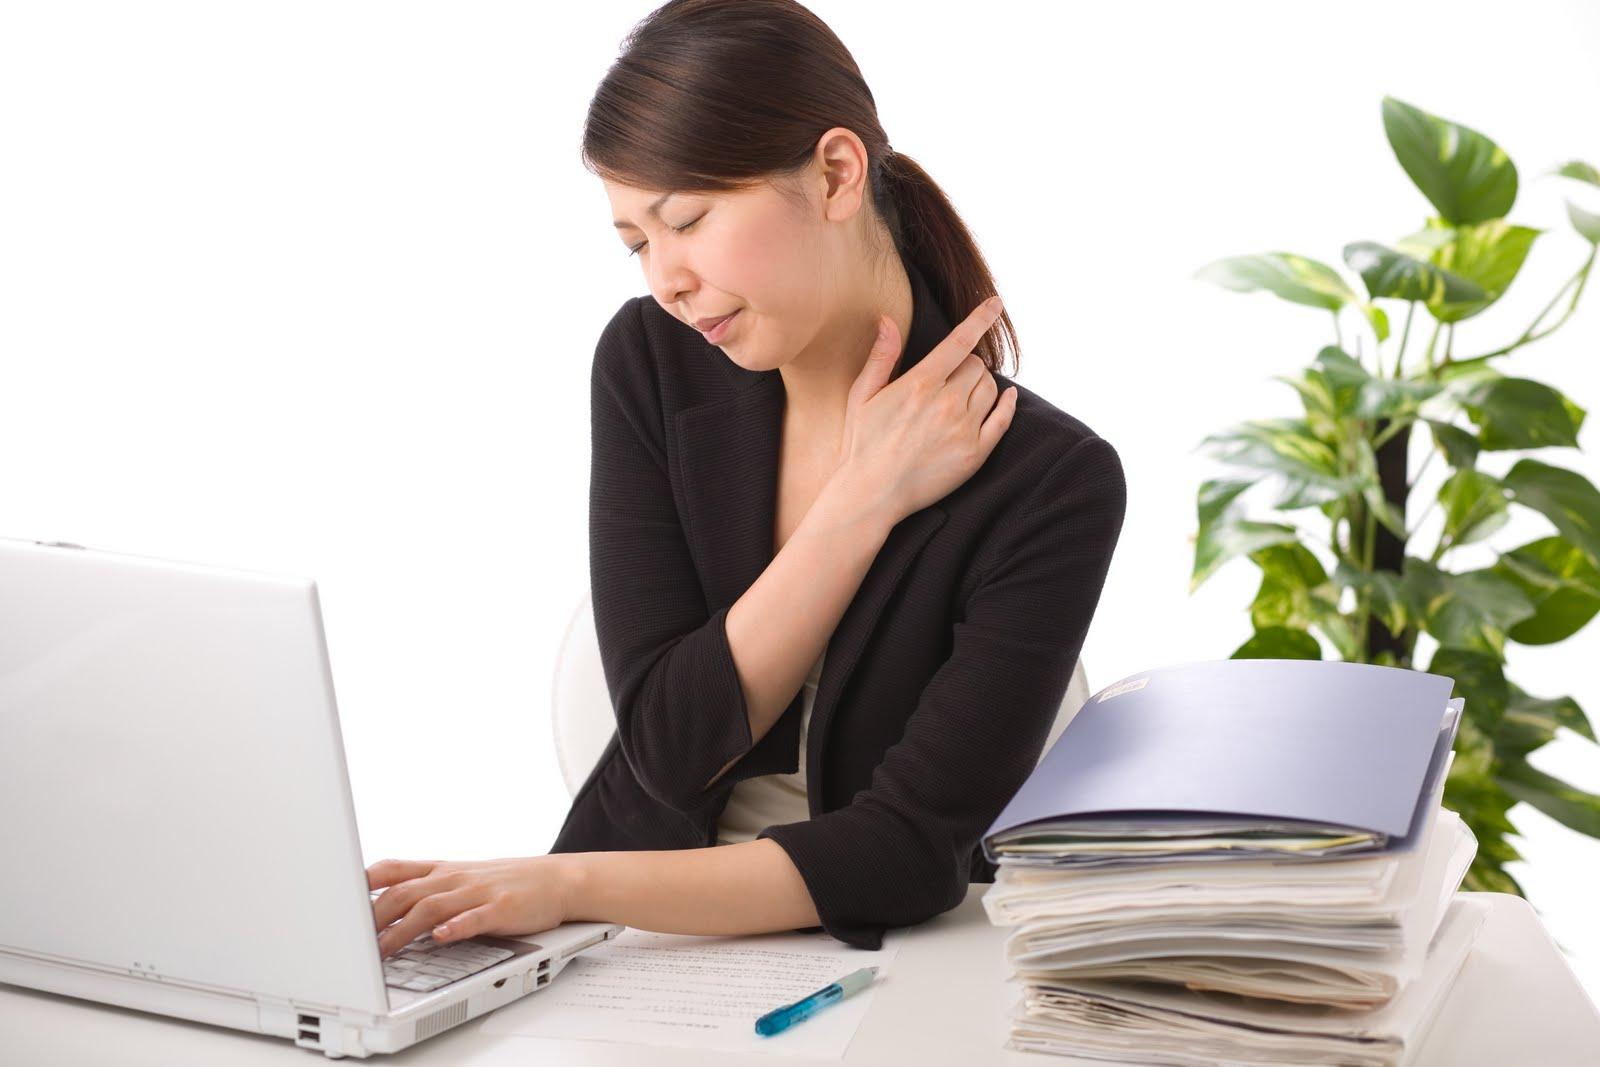 Điều trị rối loạn tiền đình ở người trẻ tuổi Trị rối loạn tiền đình: Đừng nghĩ người trẻ không mắc bệnh!